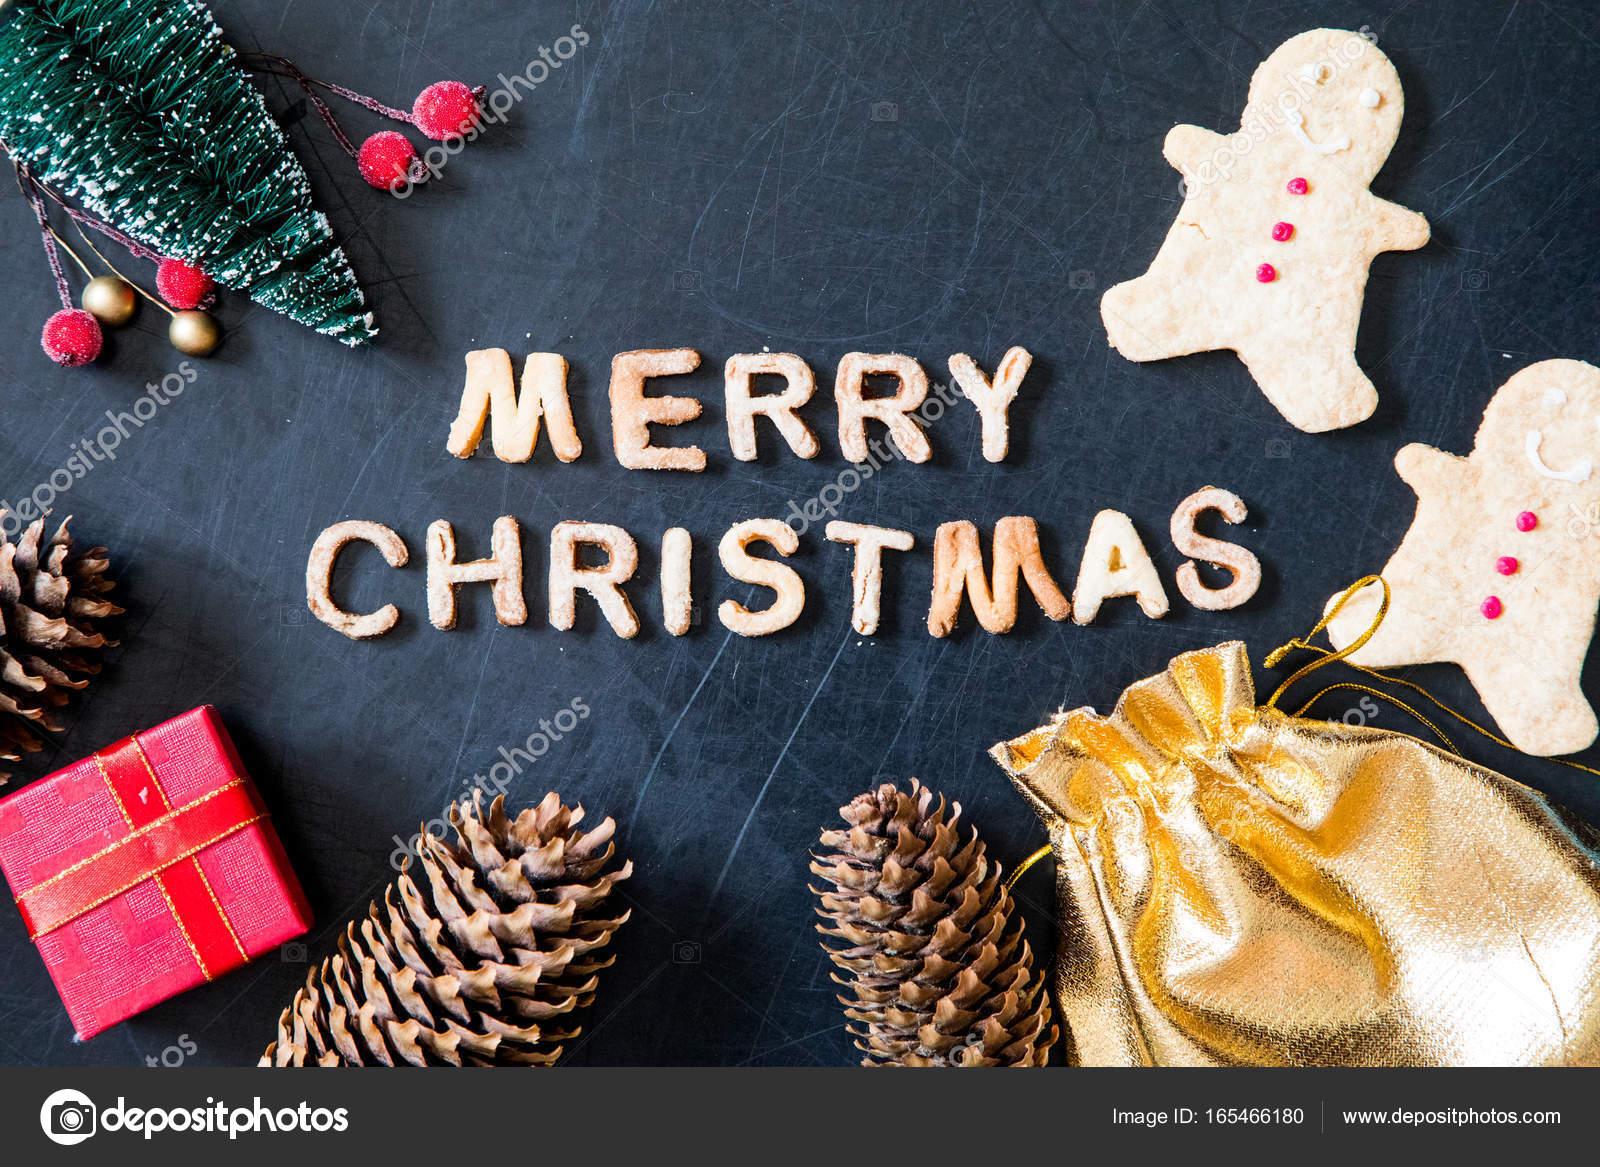 Buchstaben Frohe Weihnachten.Karte Mit Lebkuchen Gebackene Buchstaben Frohe Weihnachten